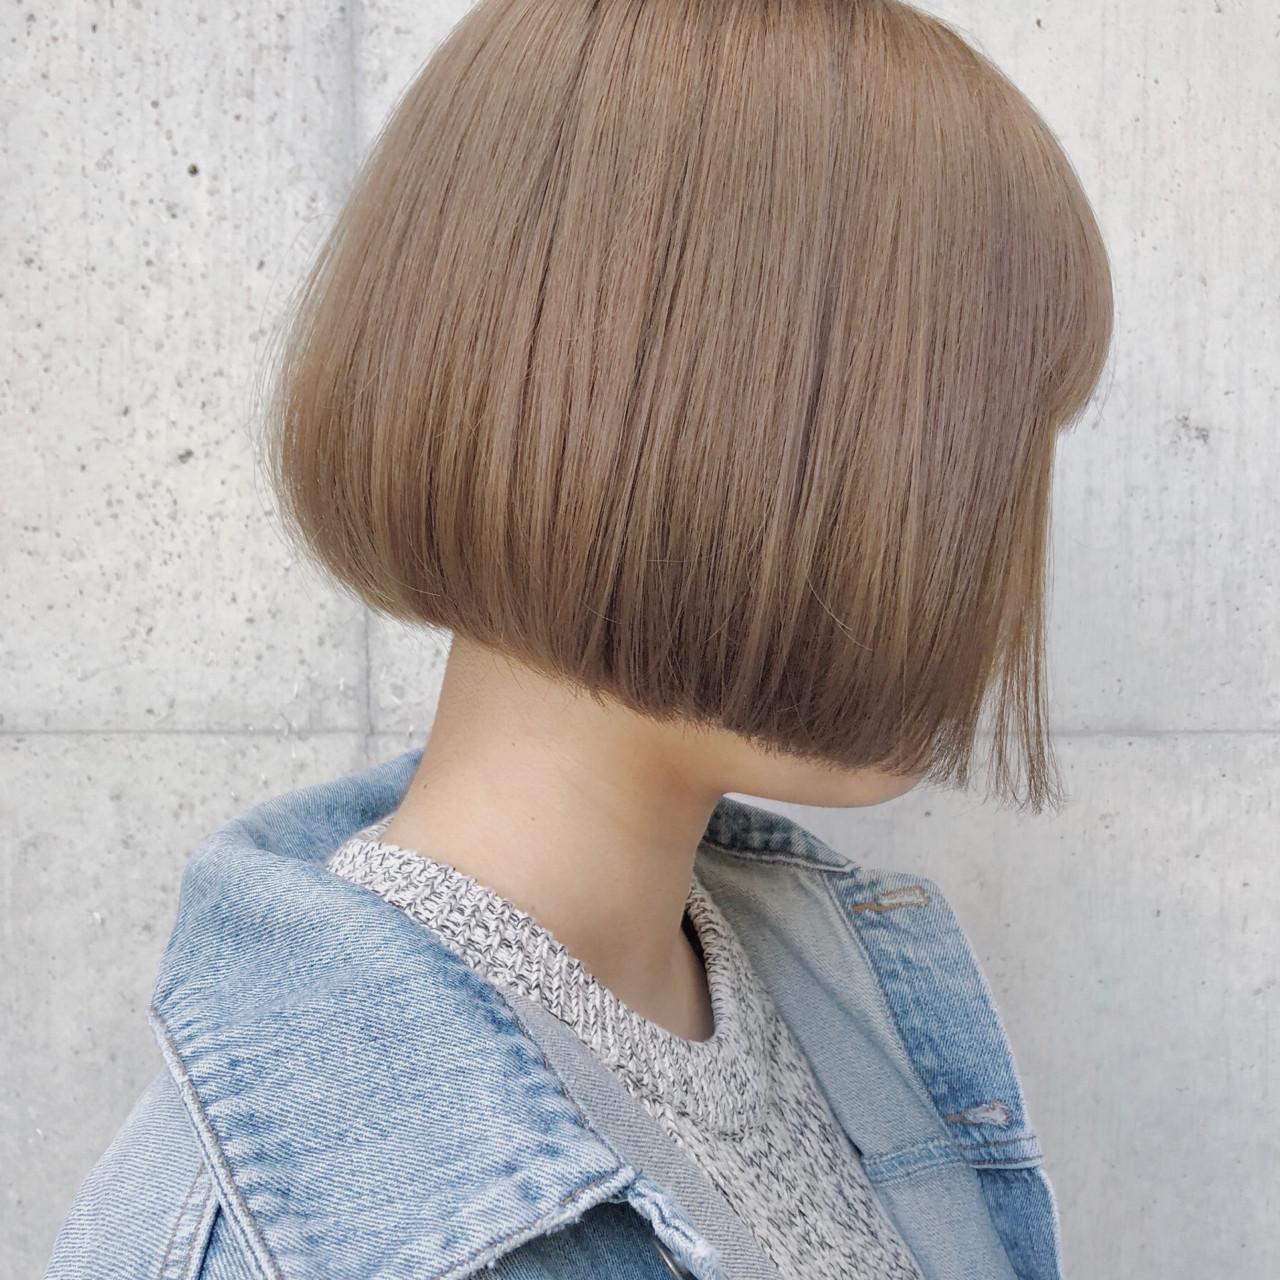 ナチュラル ボブ ブリーチ ミルクティーベージュヘアスタイルや髪型の写真・画像